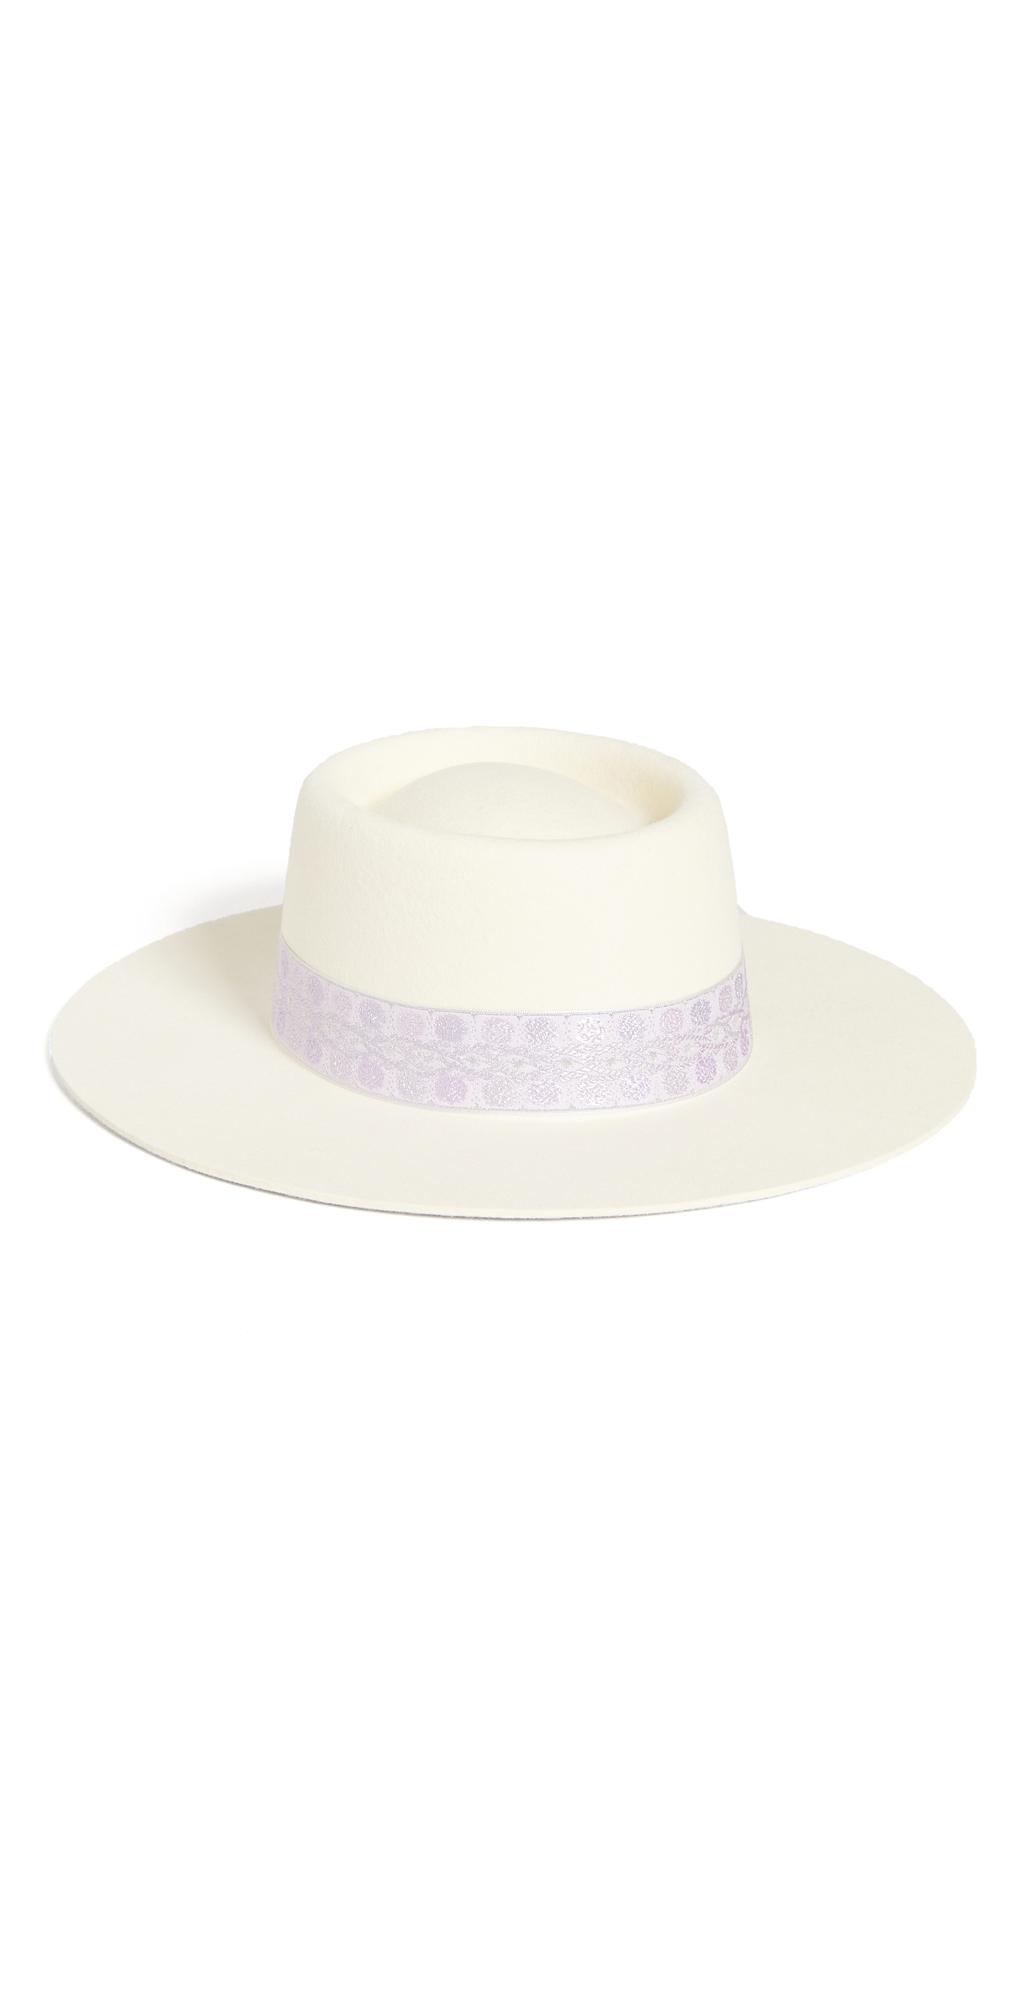 Lavender Lolita Boater Hat